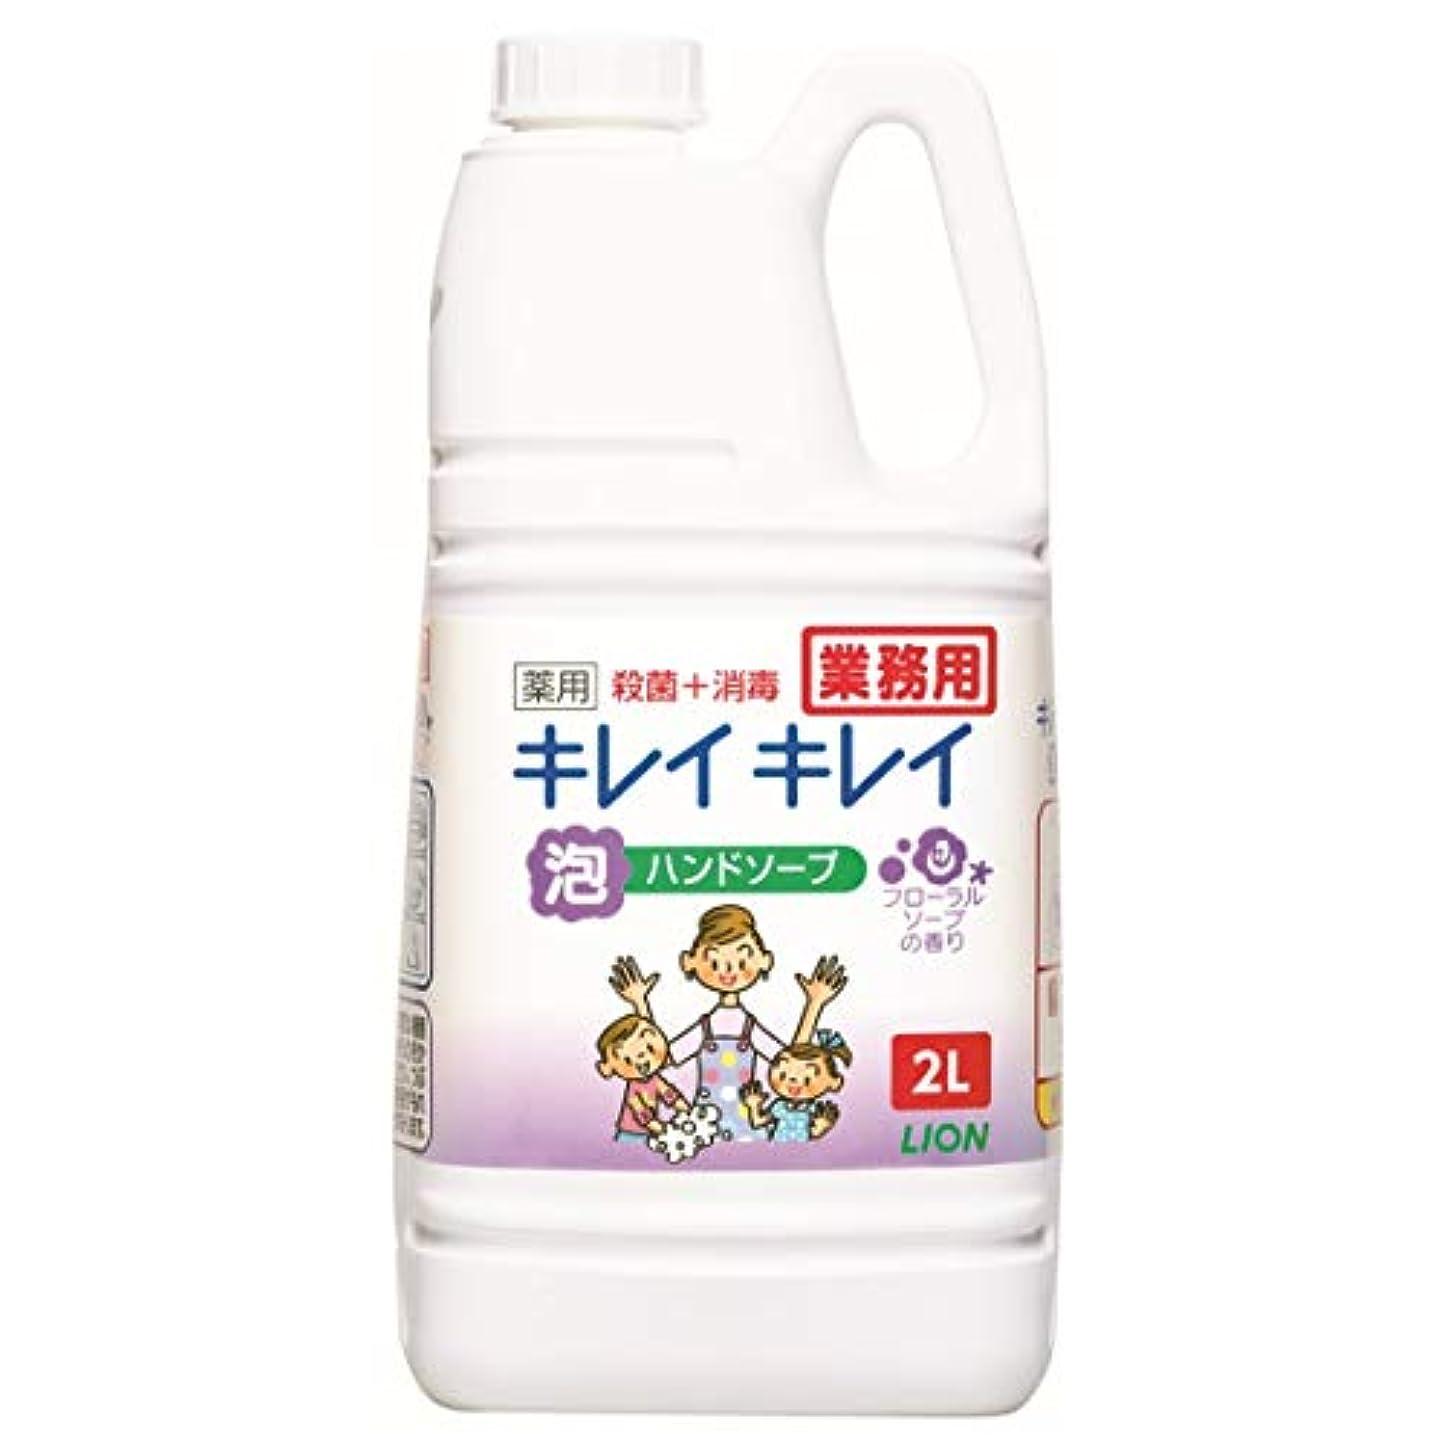 アミューズ盗難コンクリート【大容量】キレイキレイ 薬用泡ハンドソープ フローラルソープの香り 2L